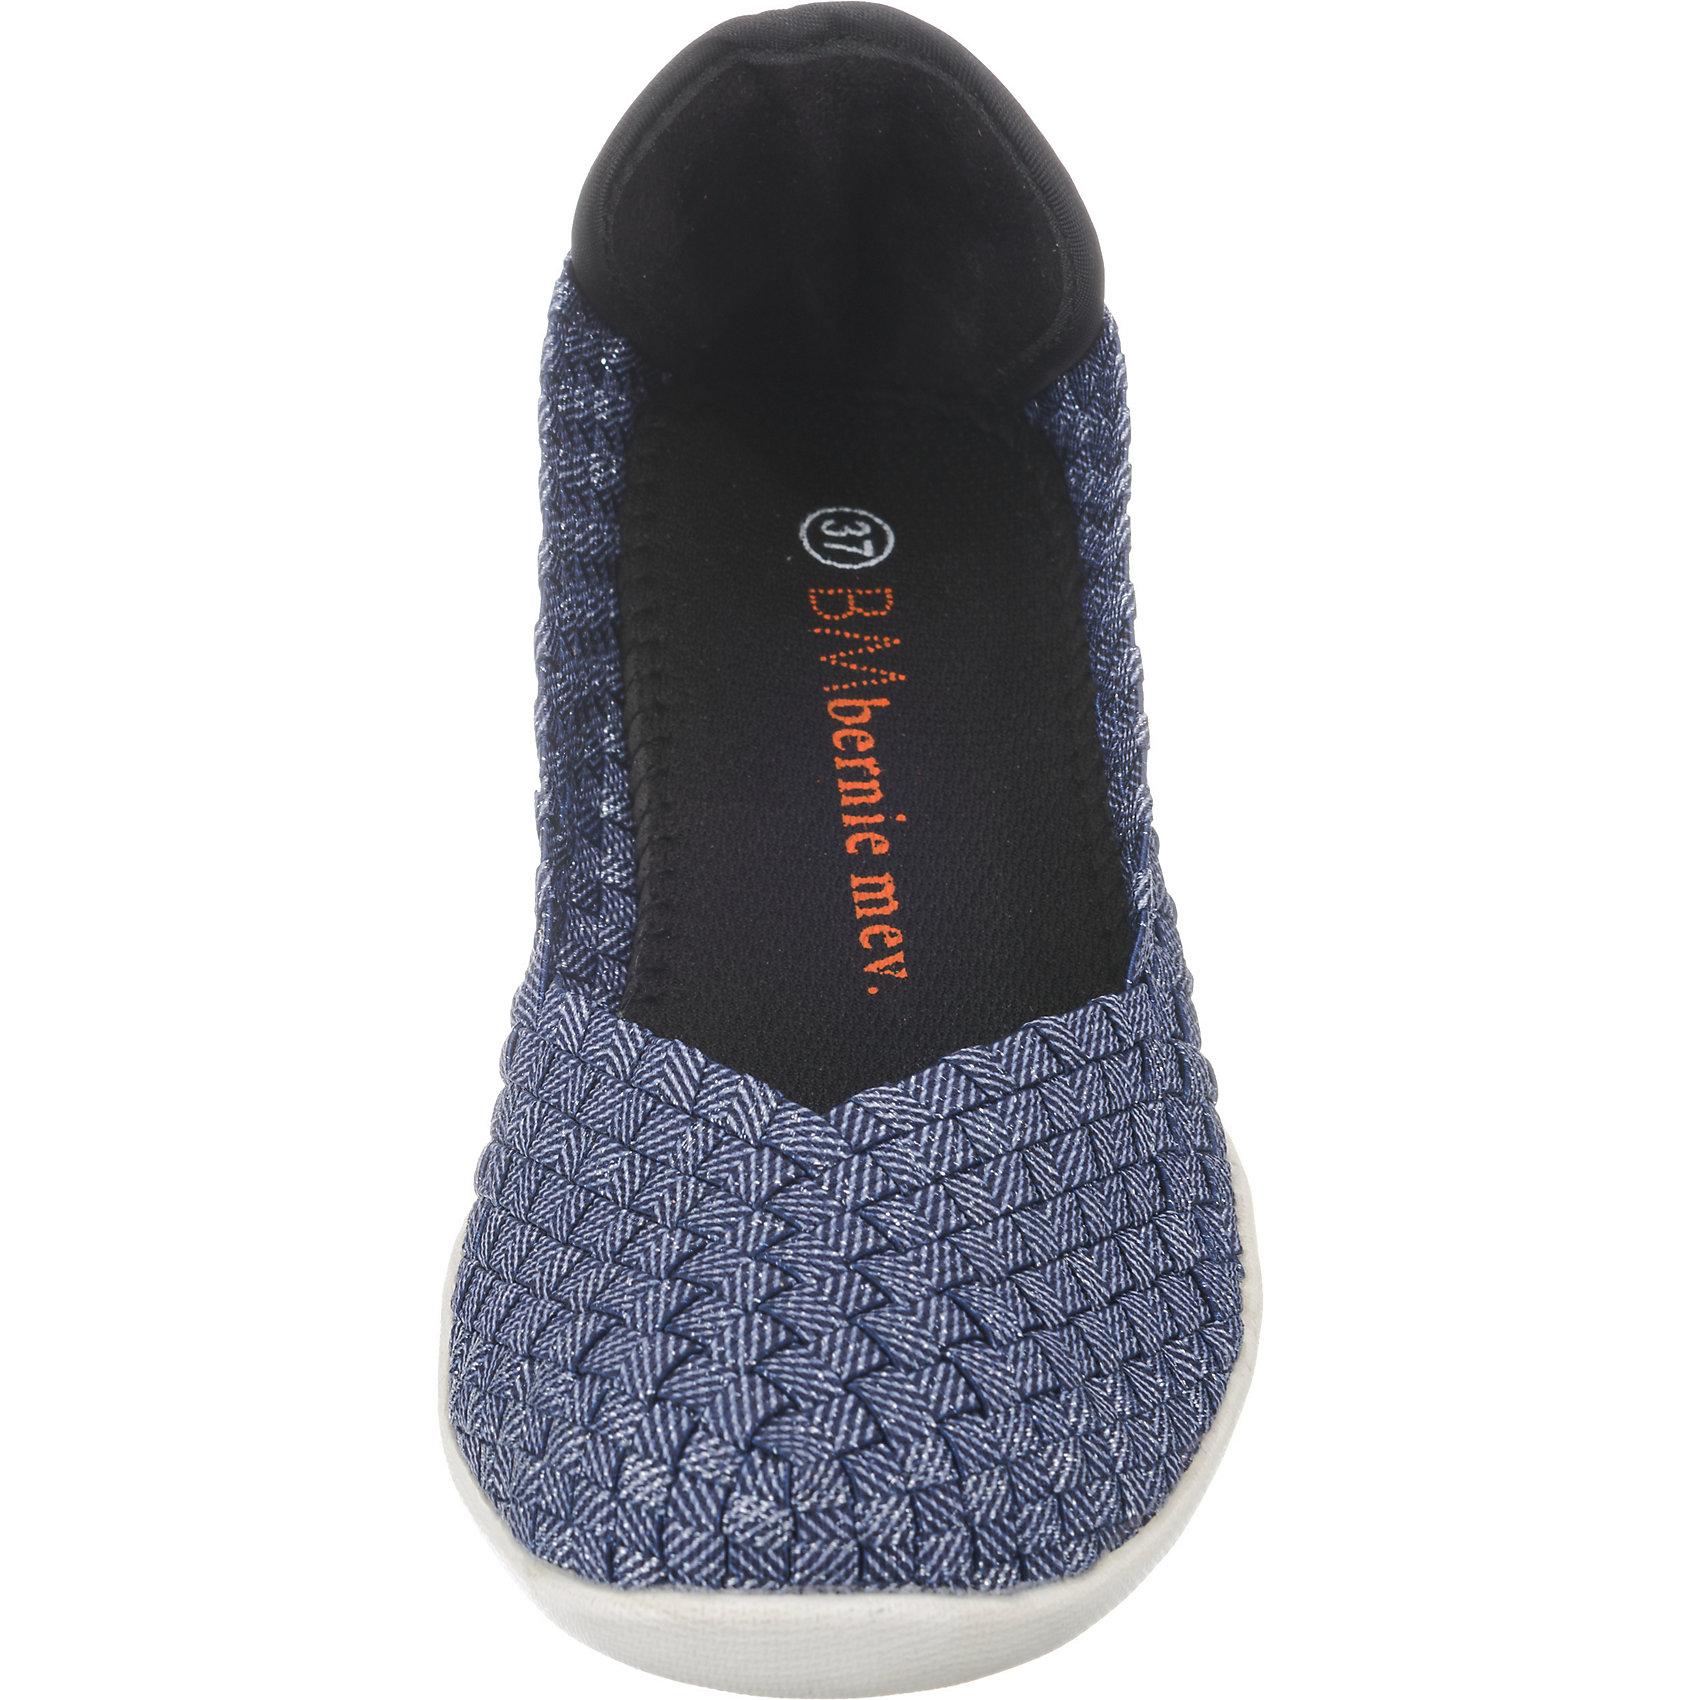 Neu bernie mev. Catwalk Catwalk Catwalk Sportliche Slipper 7753622 für Damen blau 7833c5